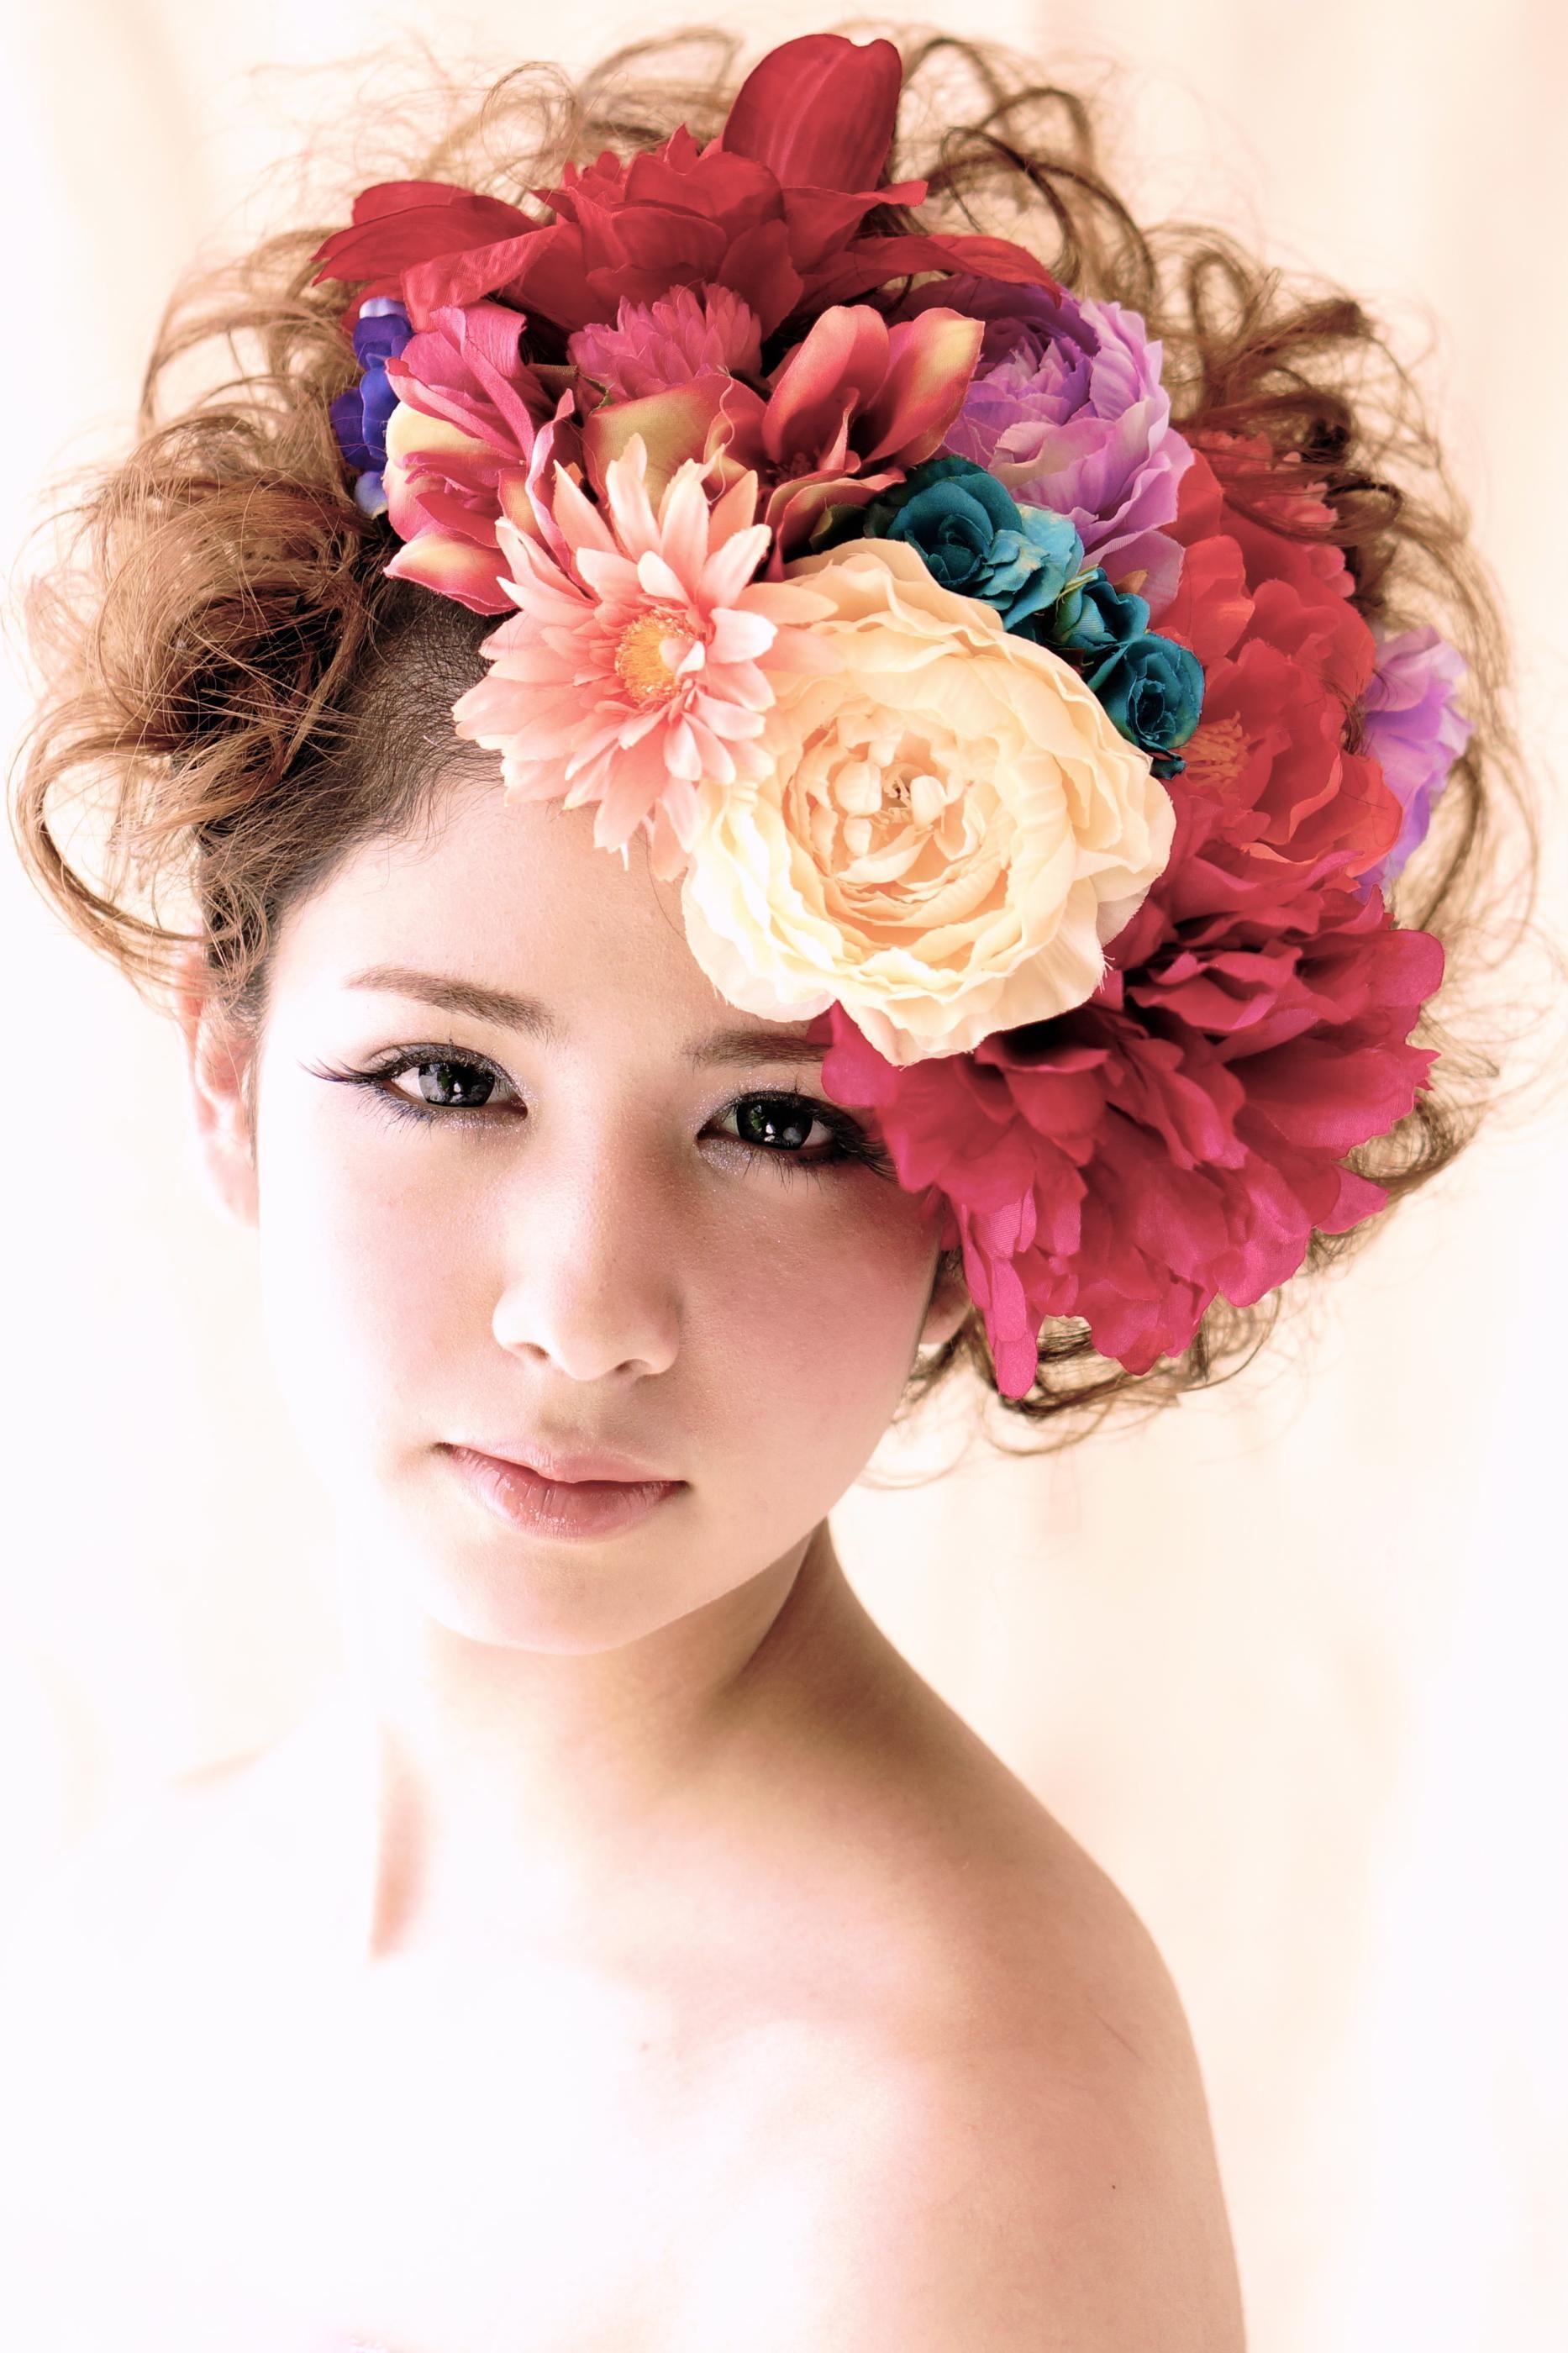 結婚式どうしよう 丸顔の花嫁におすすめの髪型はこれ 髪に花